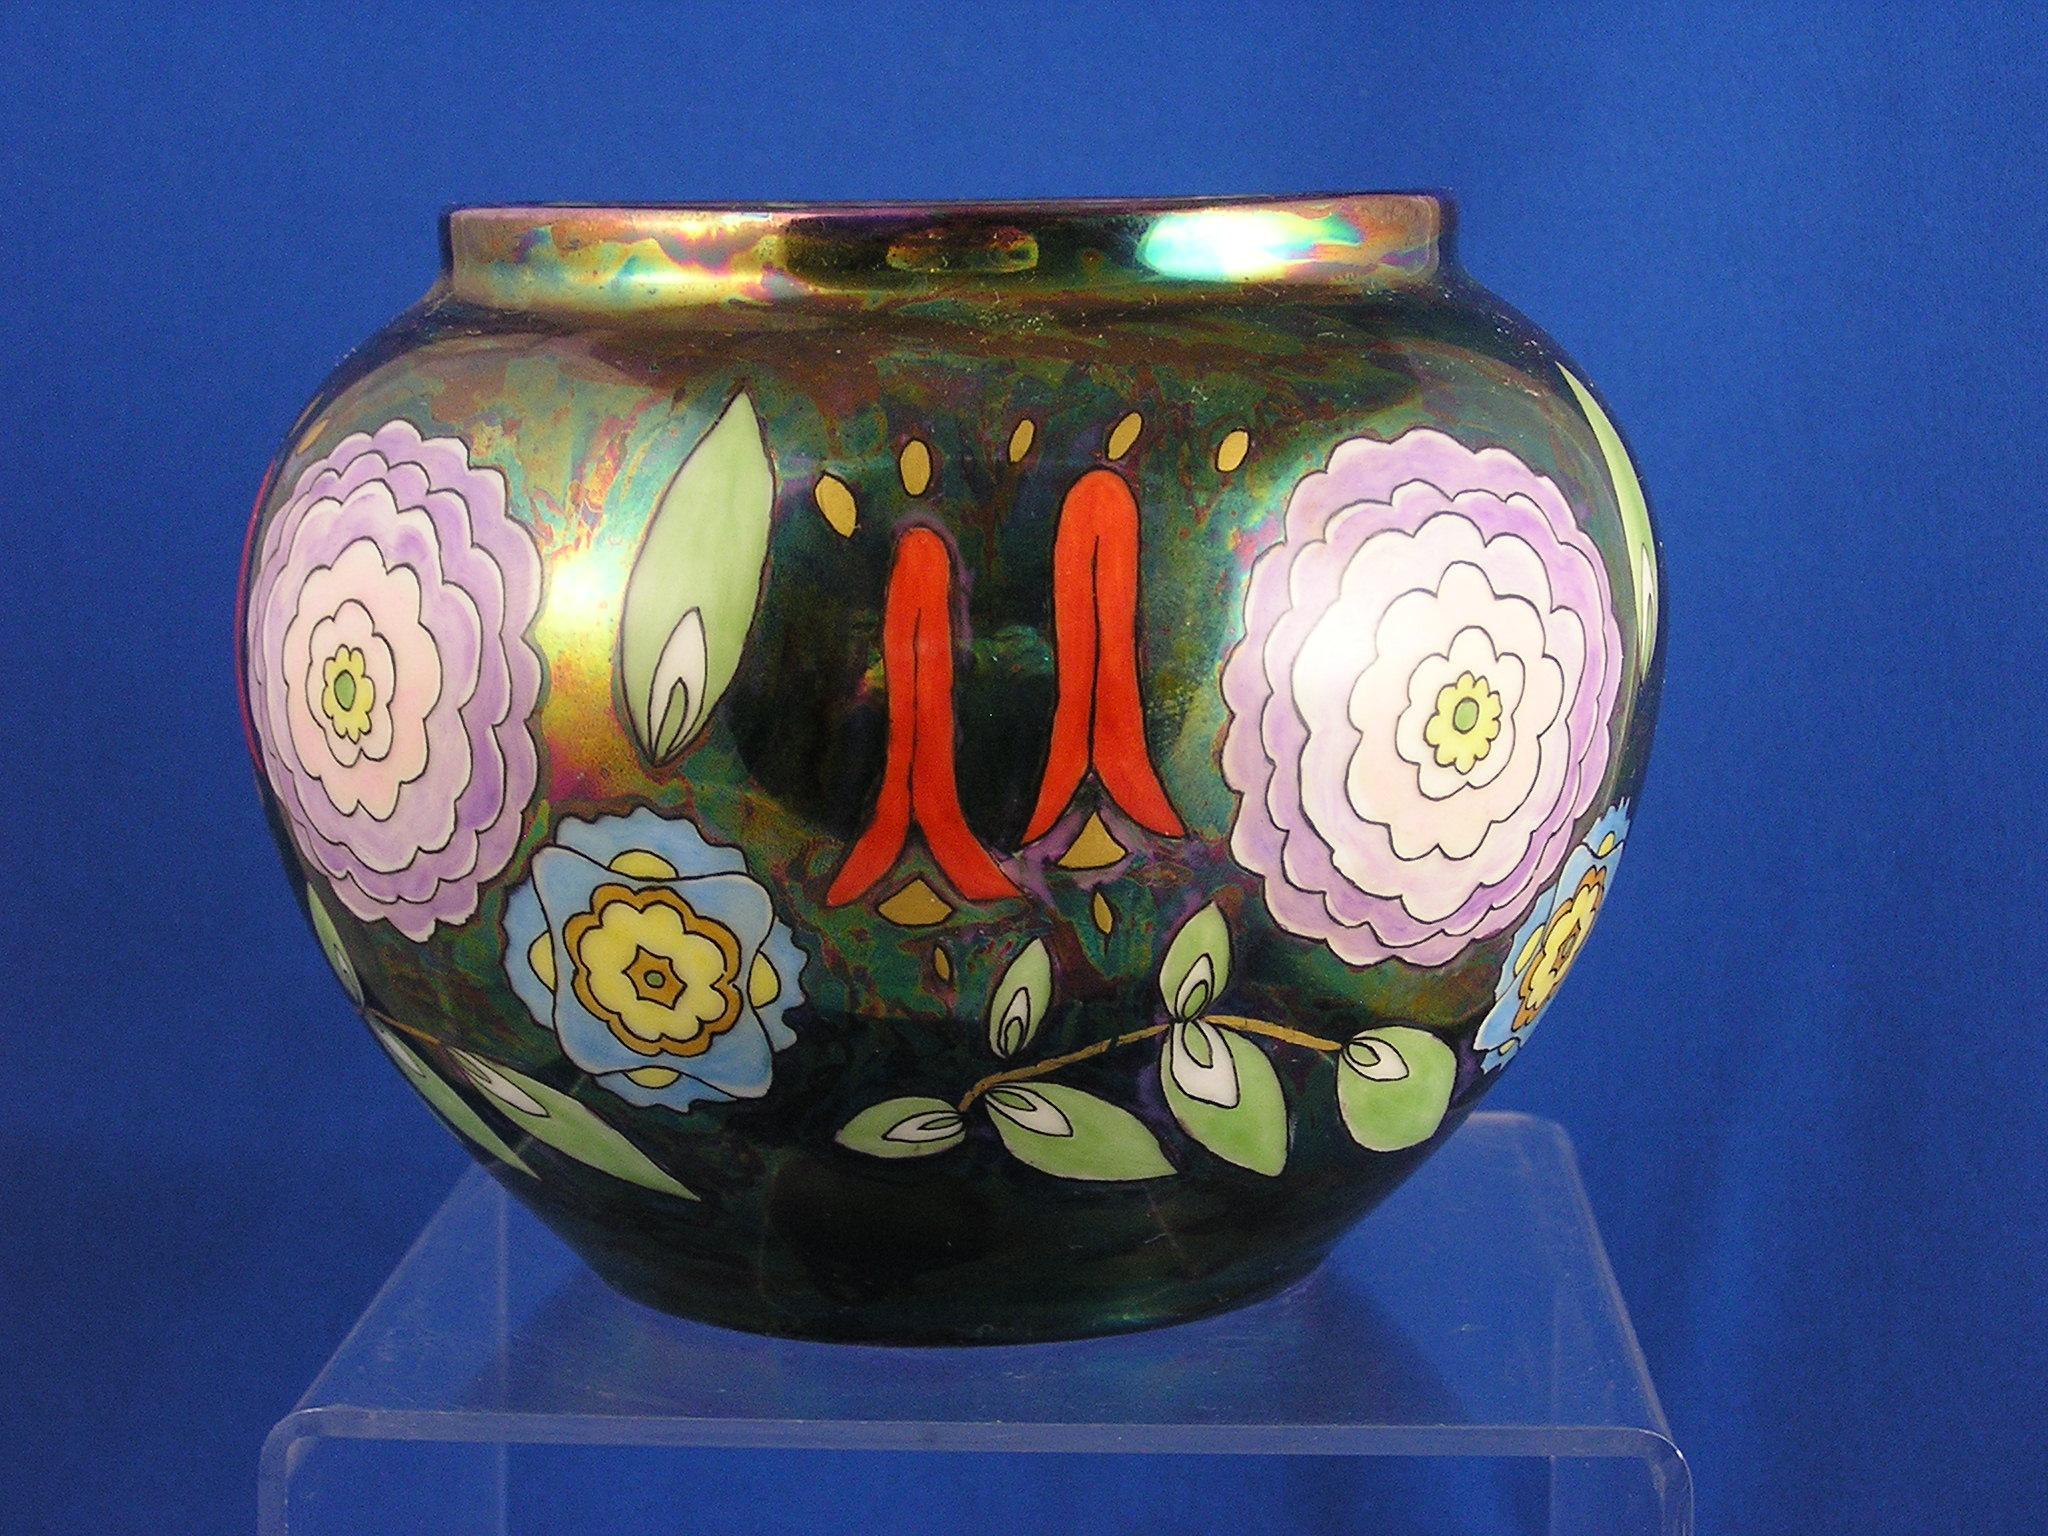 pmr jaeger co bavaria art deco floral lustre design vase signed from darkflowers on ruby lane. Black Bedroom Furniture Sets. Home Design Ideas